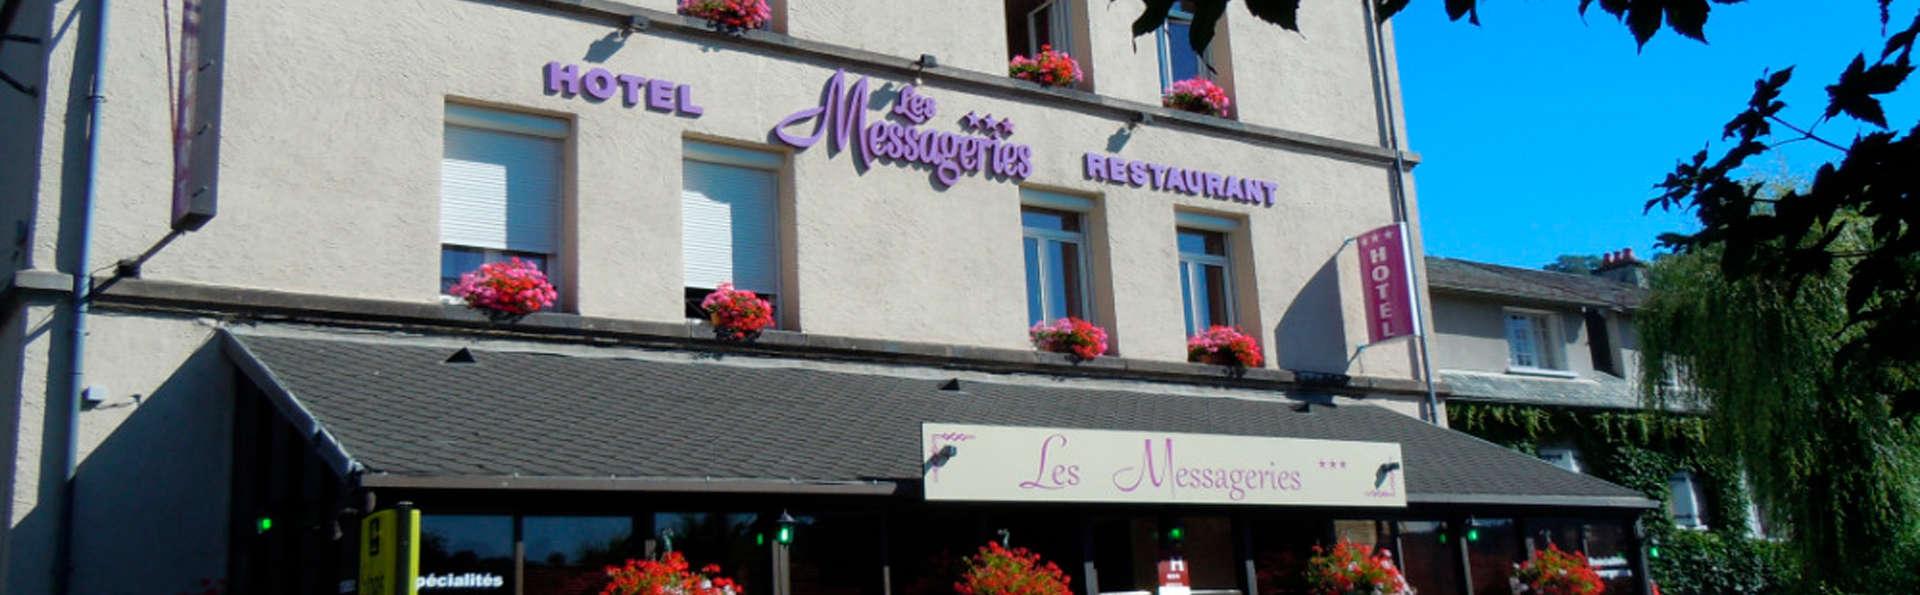 Les Messageries - edit_front2.jpg